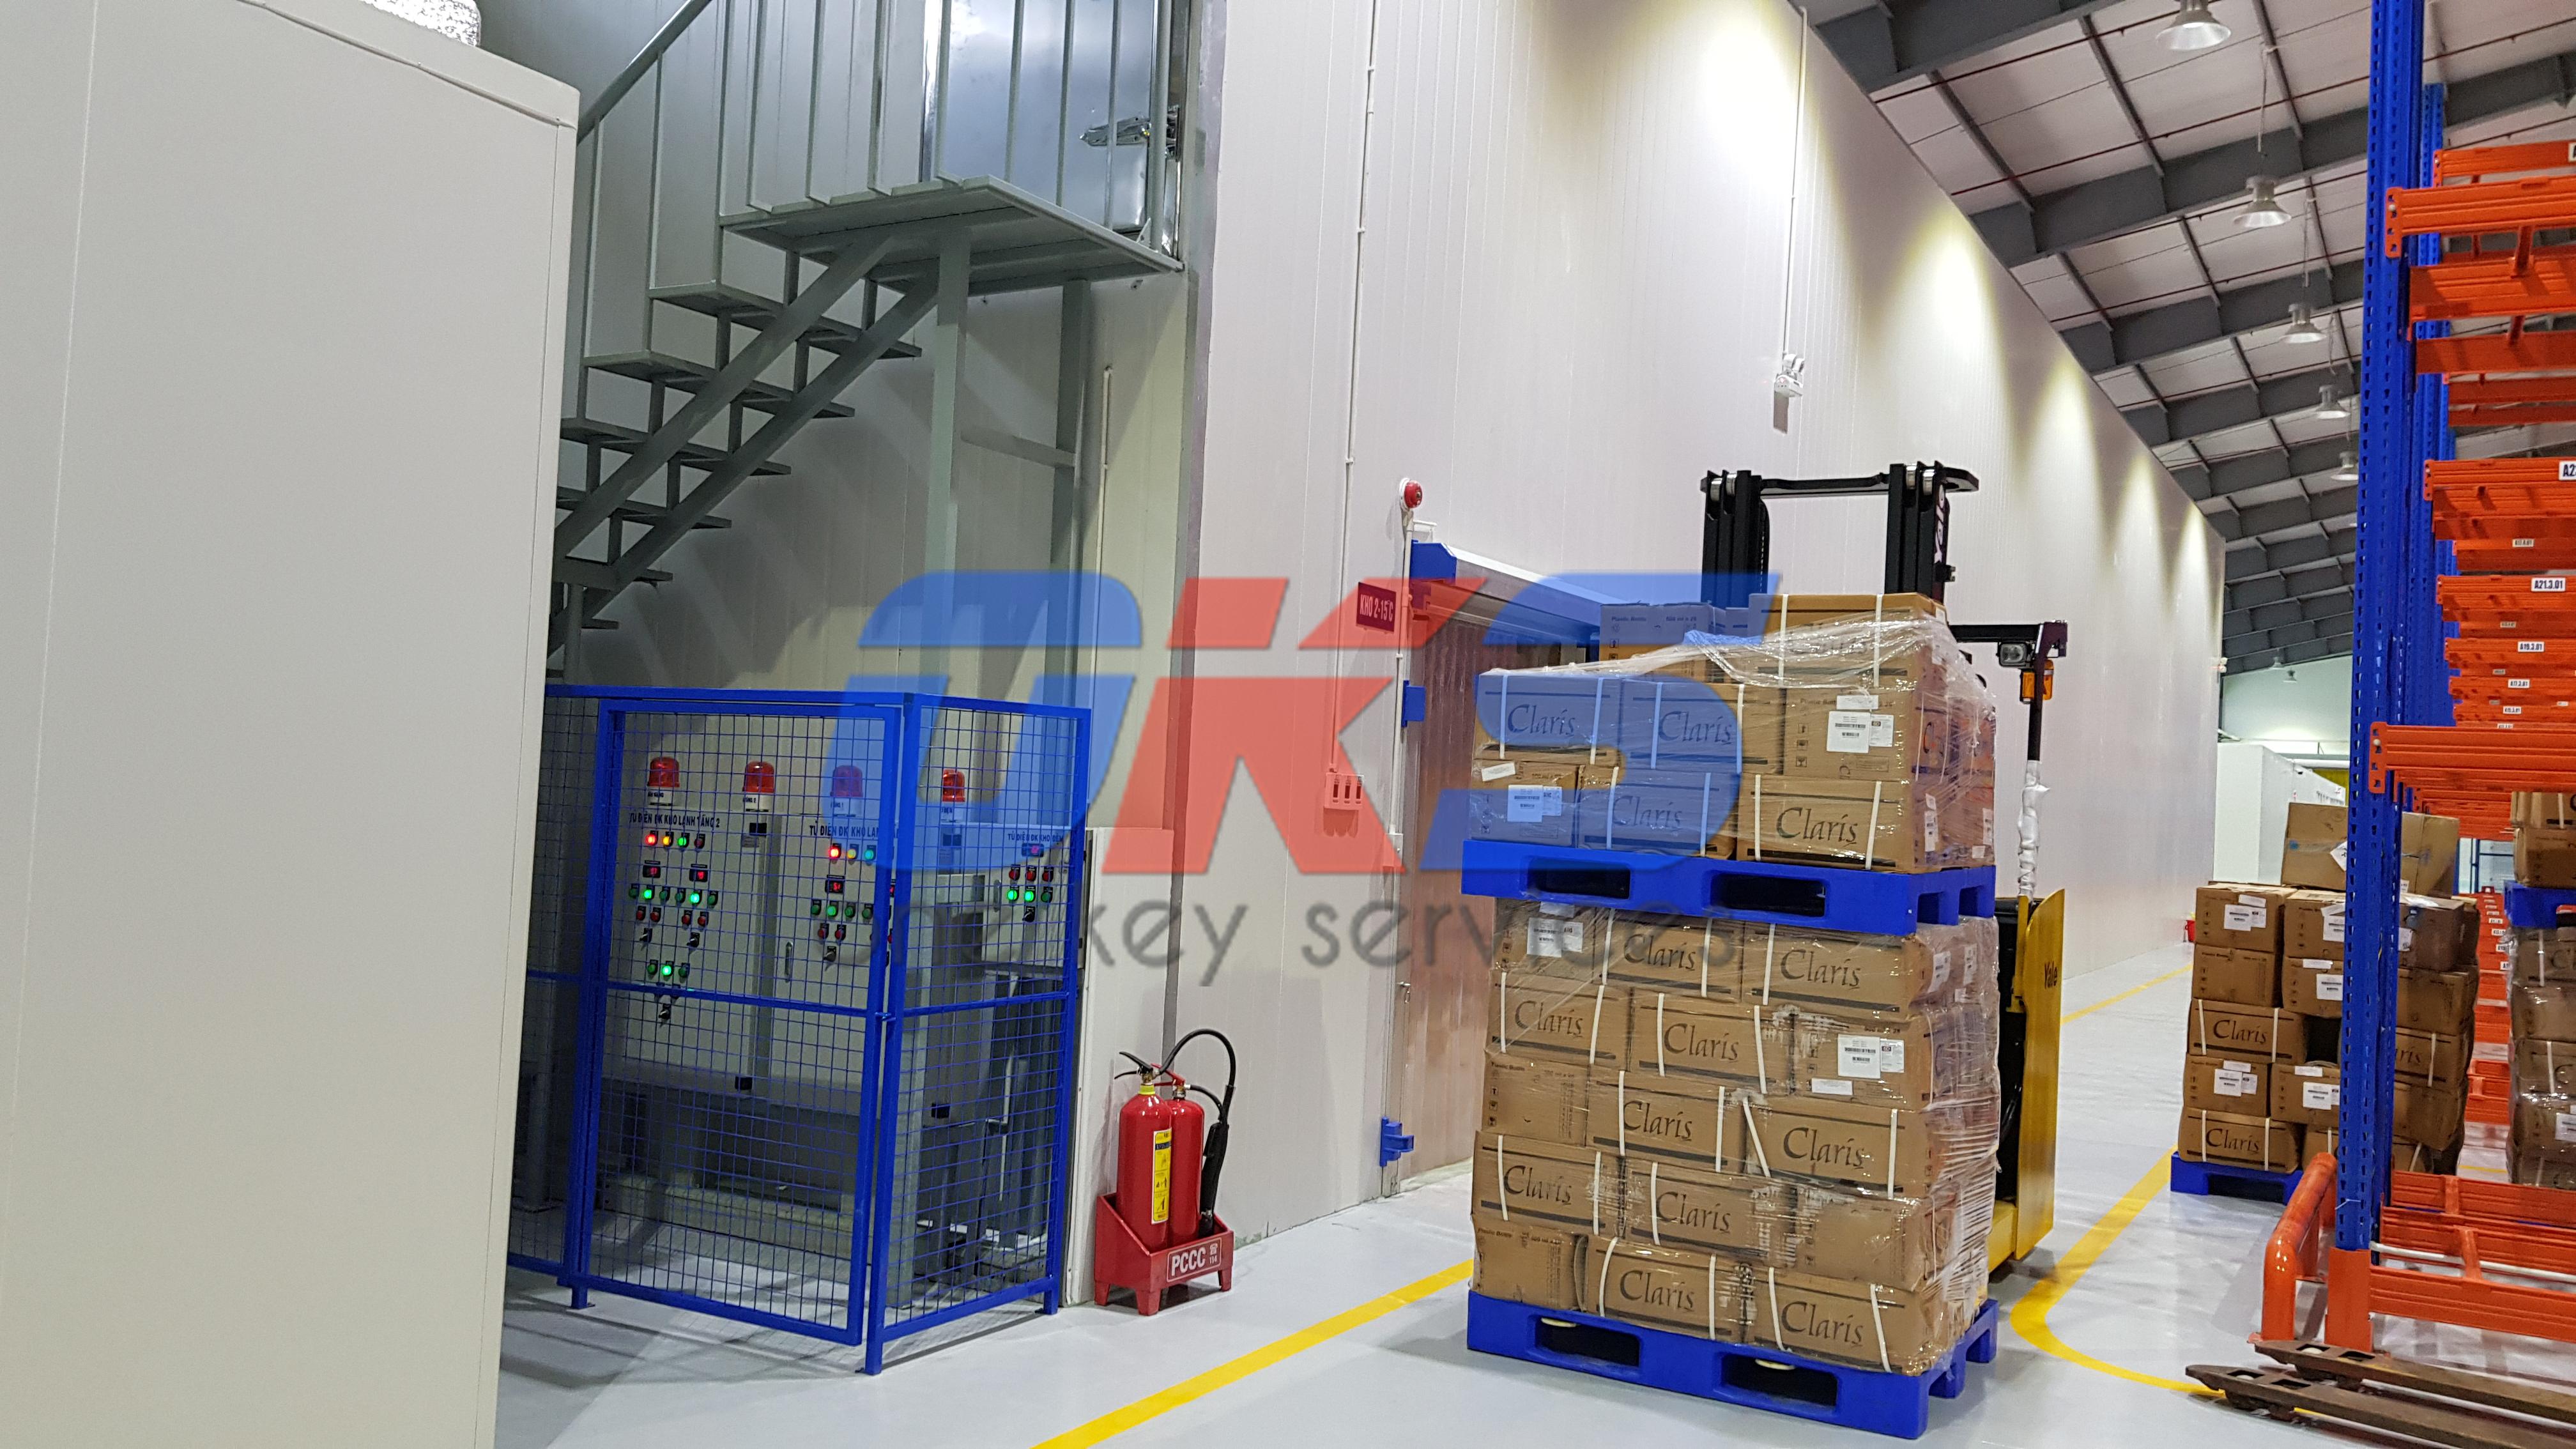 Thi công Kho bảo quản tiêu chuẩn GSP Codupha Hồ Chí Minh 3